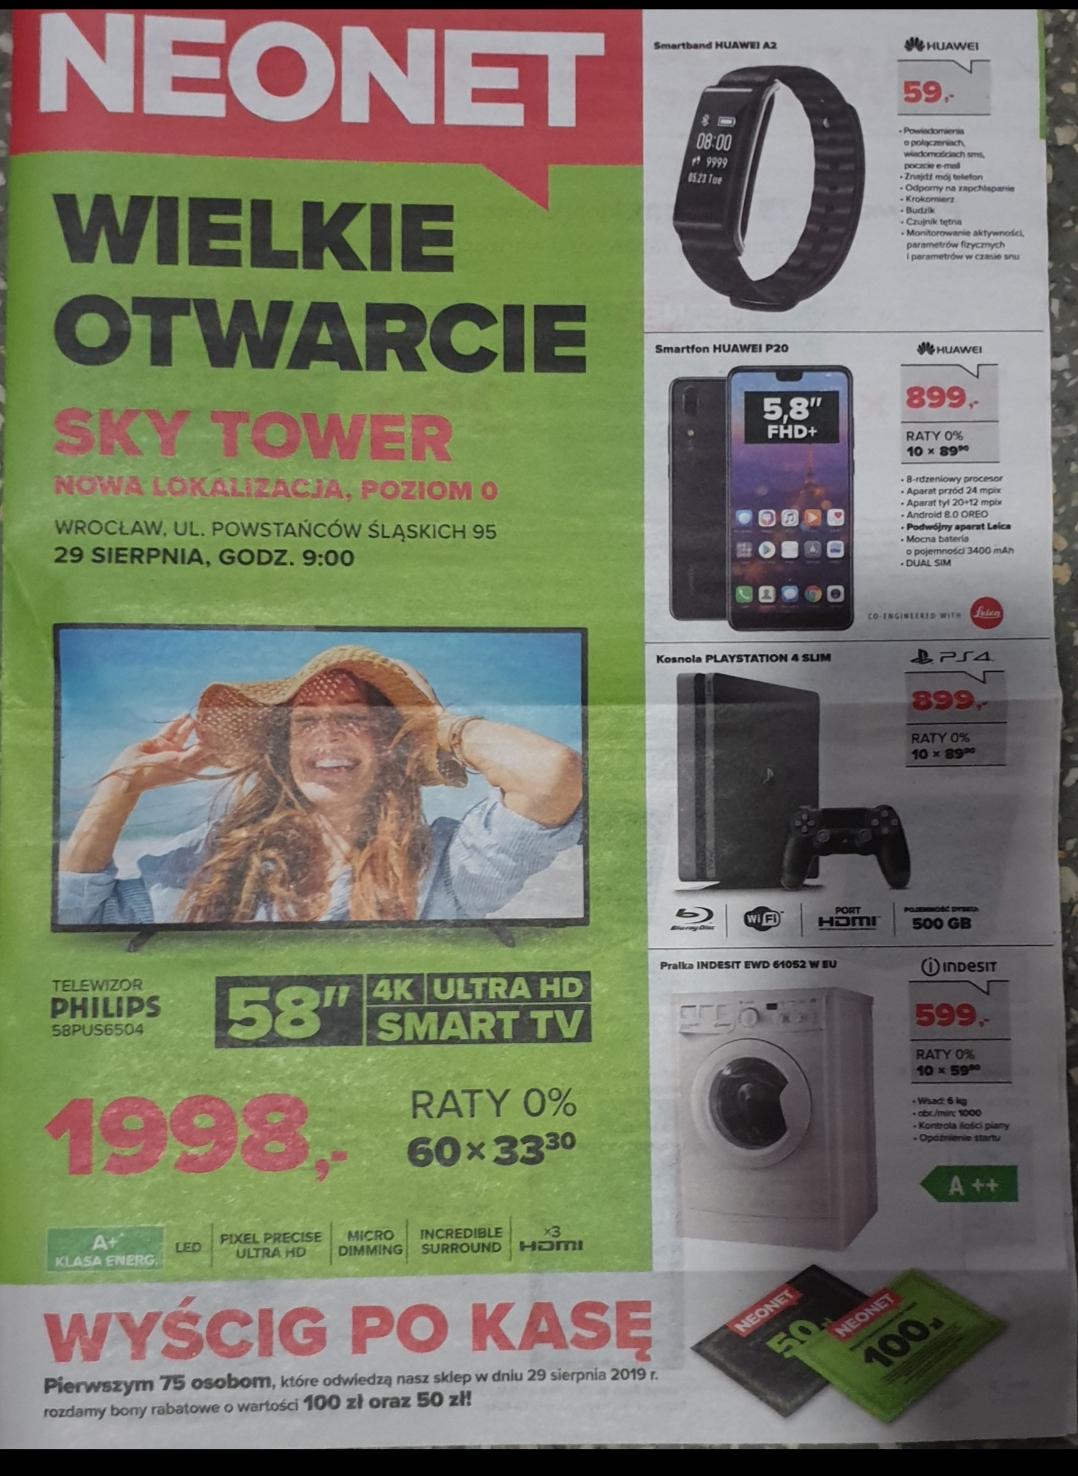 Tylko WROCŁAW Neonet Huawei P20 czarny 4/64GB za 899zł, PS4 SLIM 500GB 899zł, Pralka Indesit za 599zł TV Philips 58cali za 1999zł